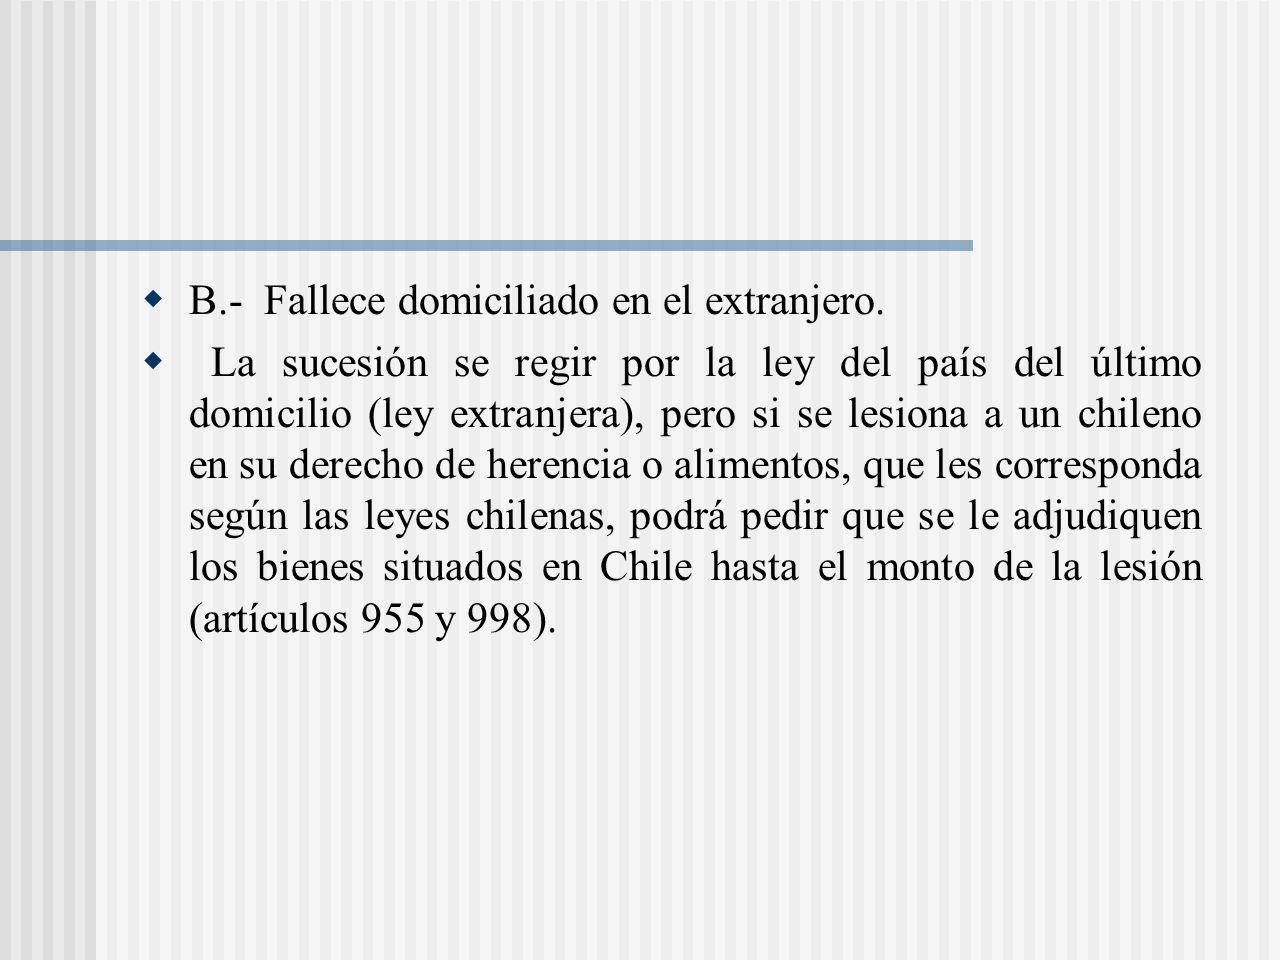 B.- Fallece domiciliado en el extranjero.